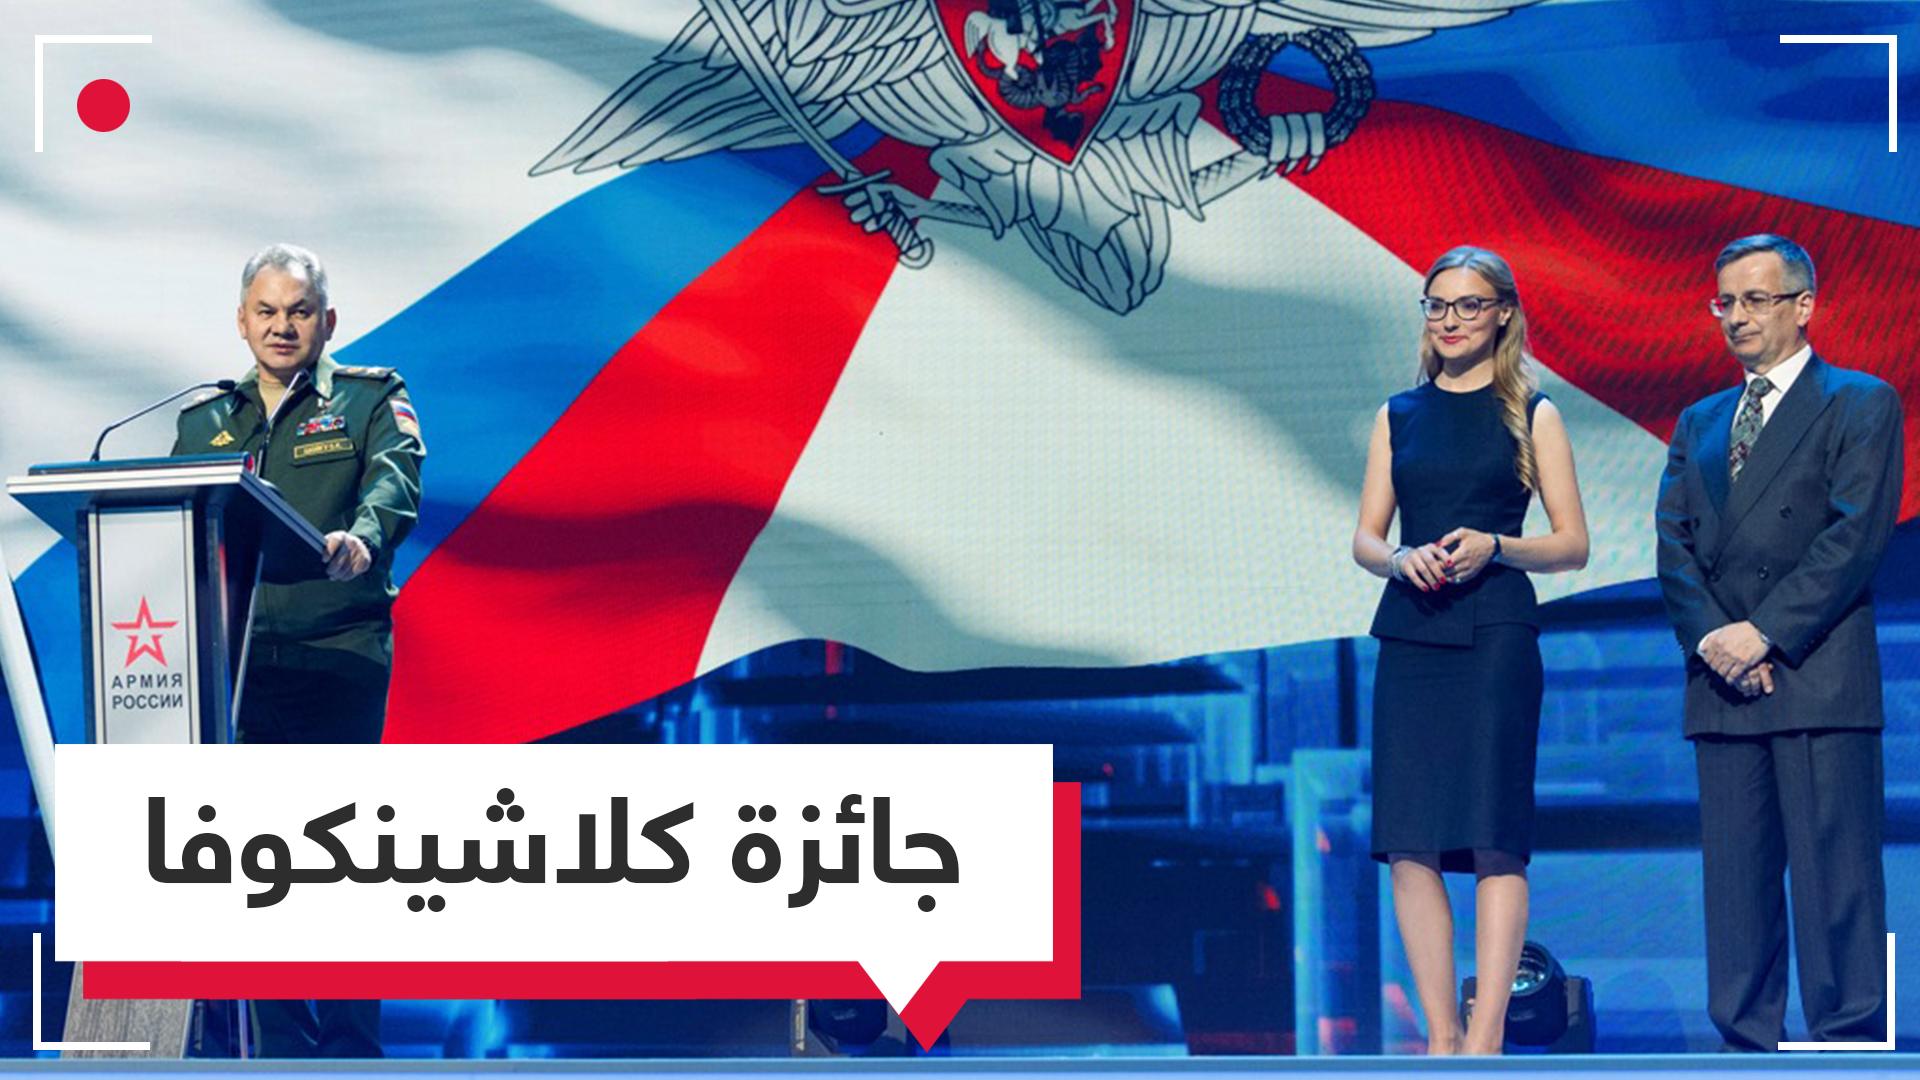 """""""كلاشينكوفا"""" RT ONLINE يفوز بجائزة صحفية في مسابقة لوزارة الدفاع الروسية"""